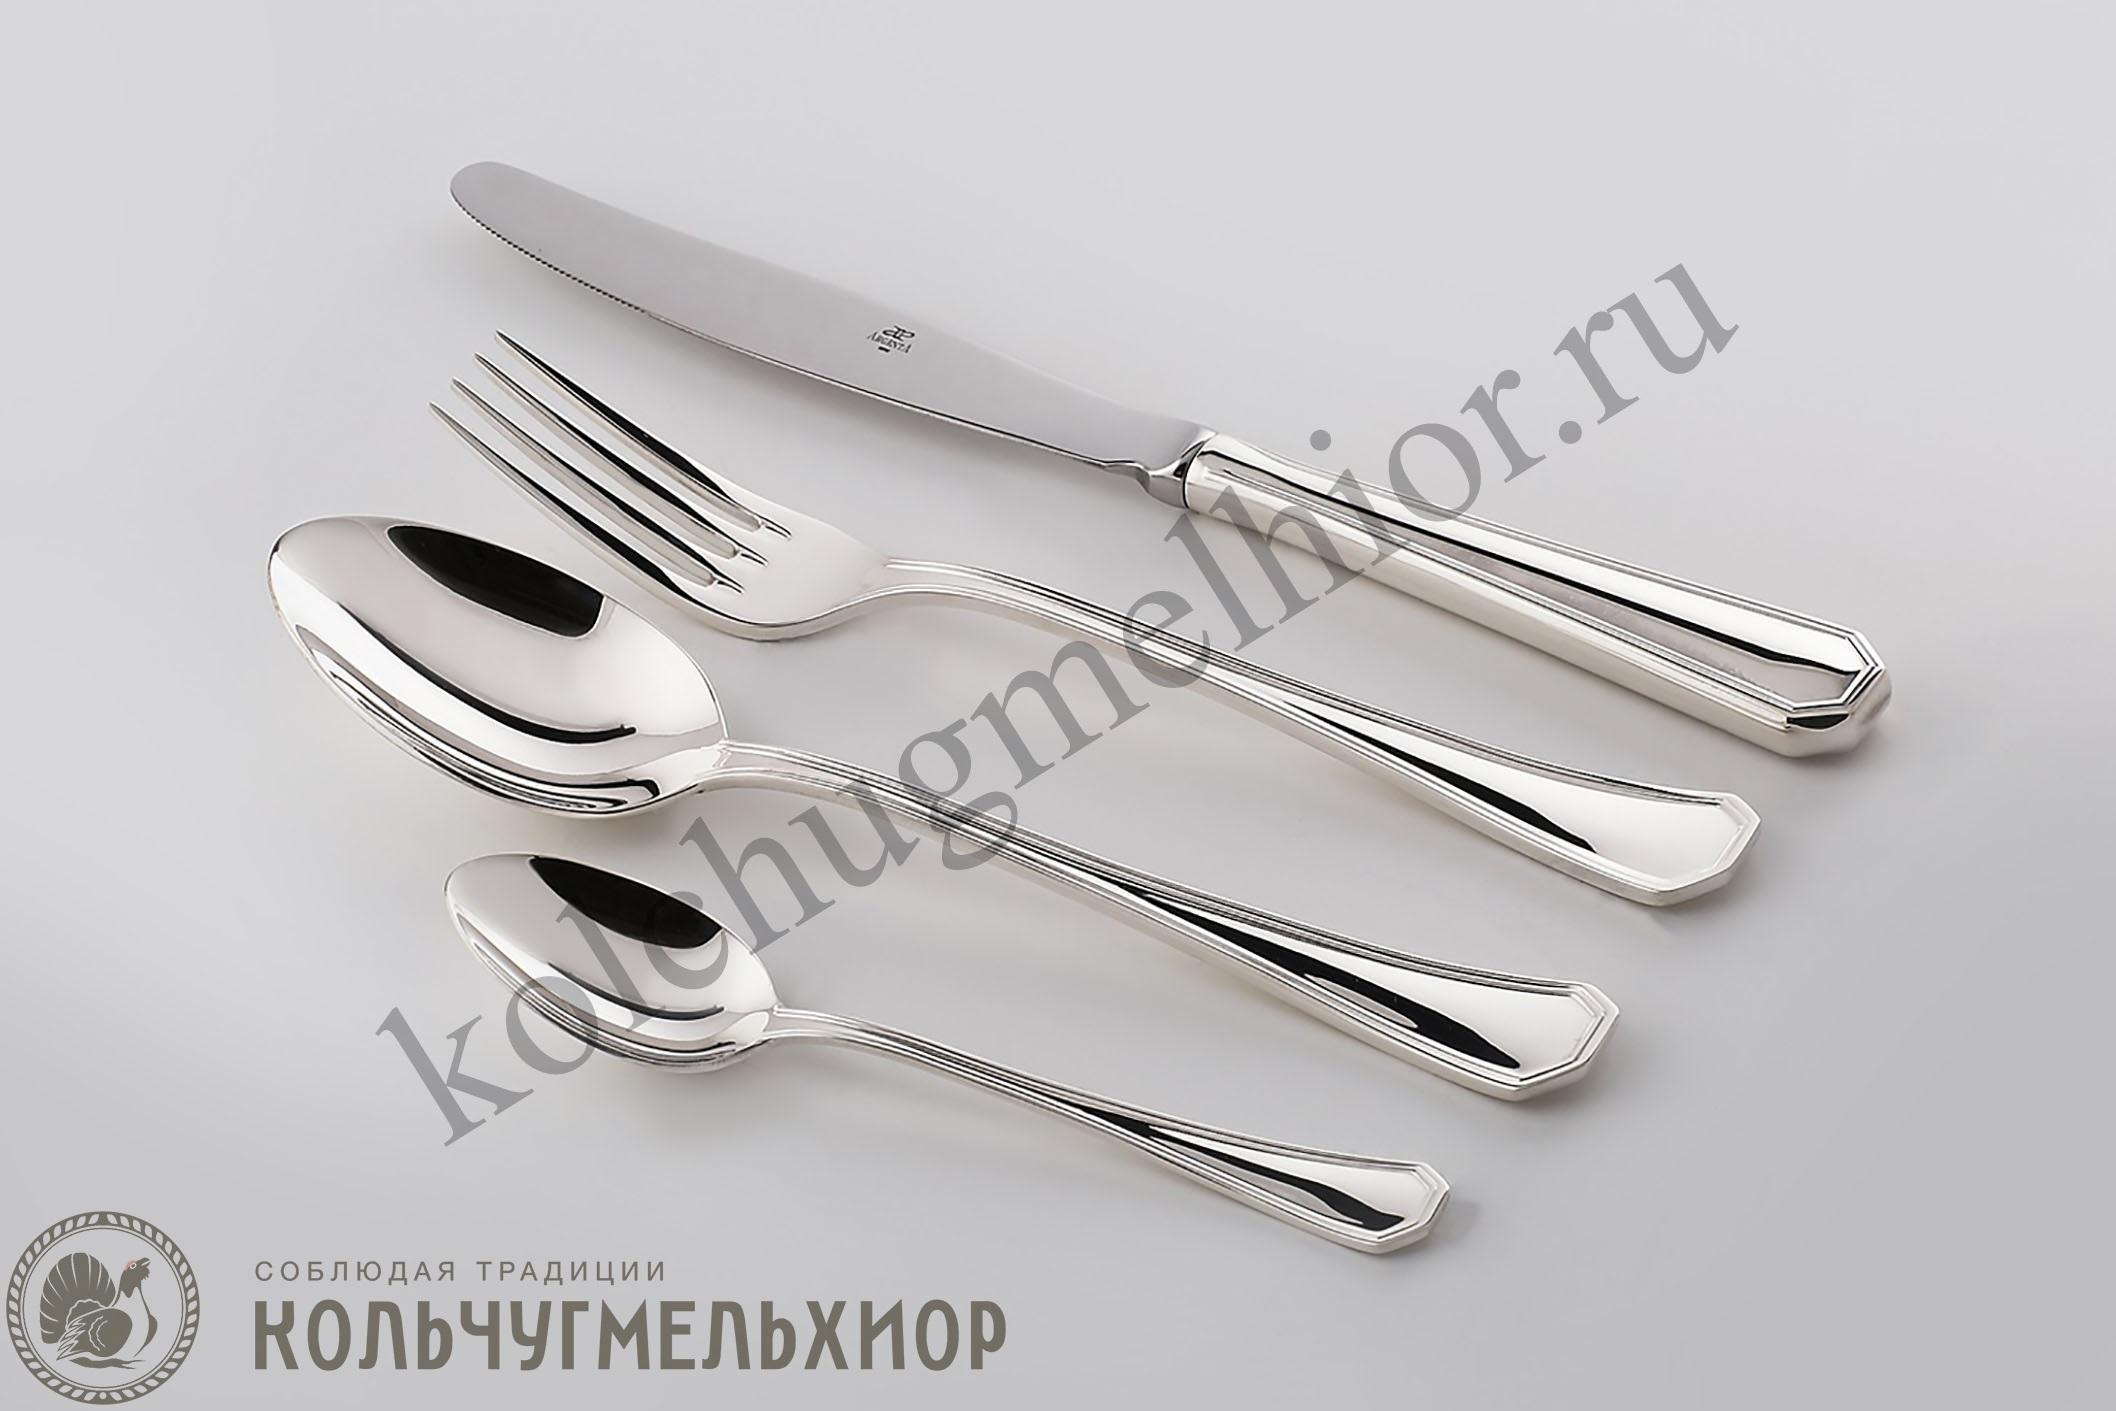 серебряные столовые приборы, серебряные столовые приборы купить